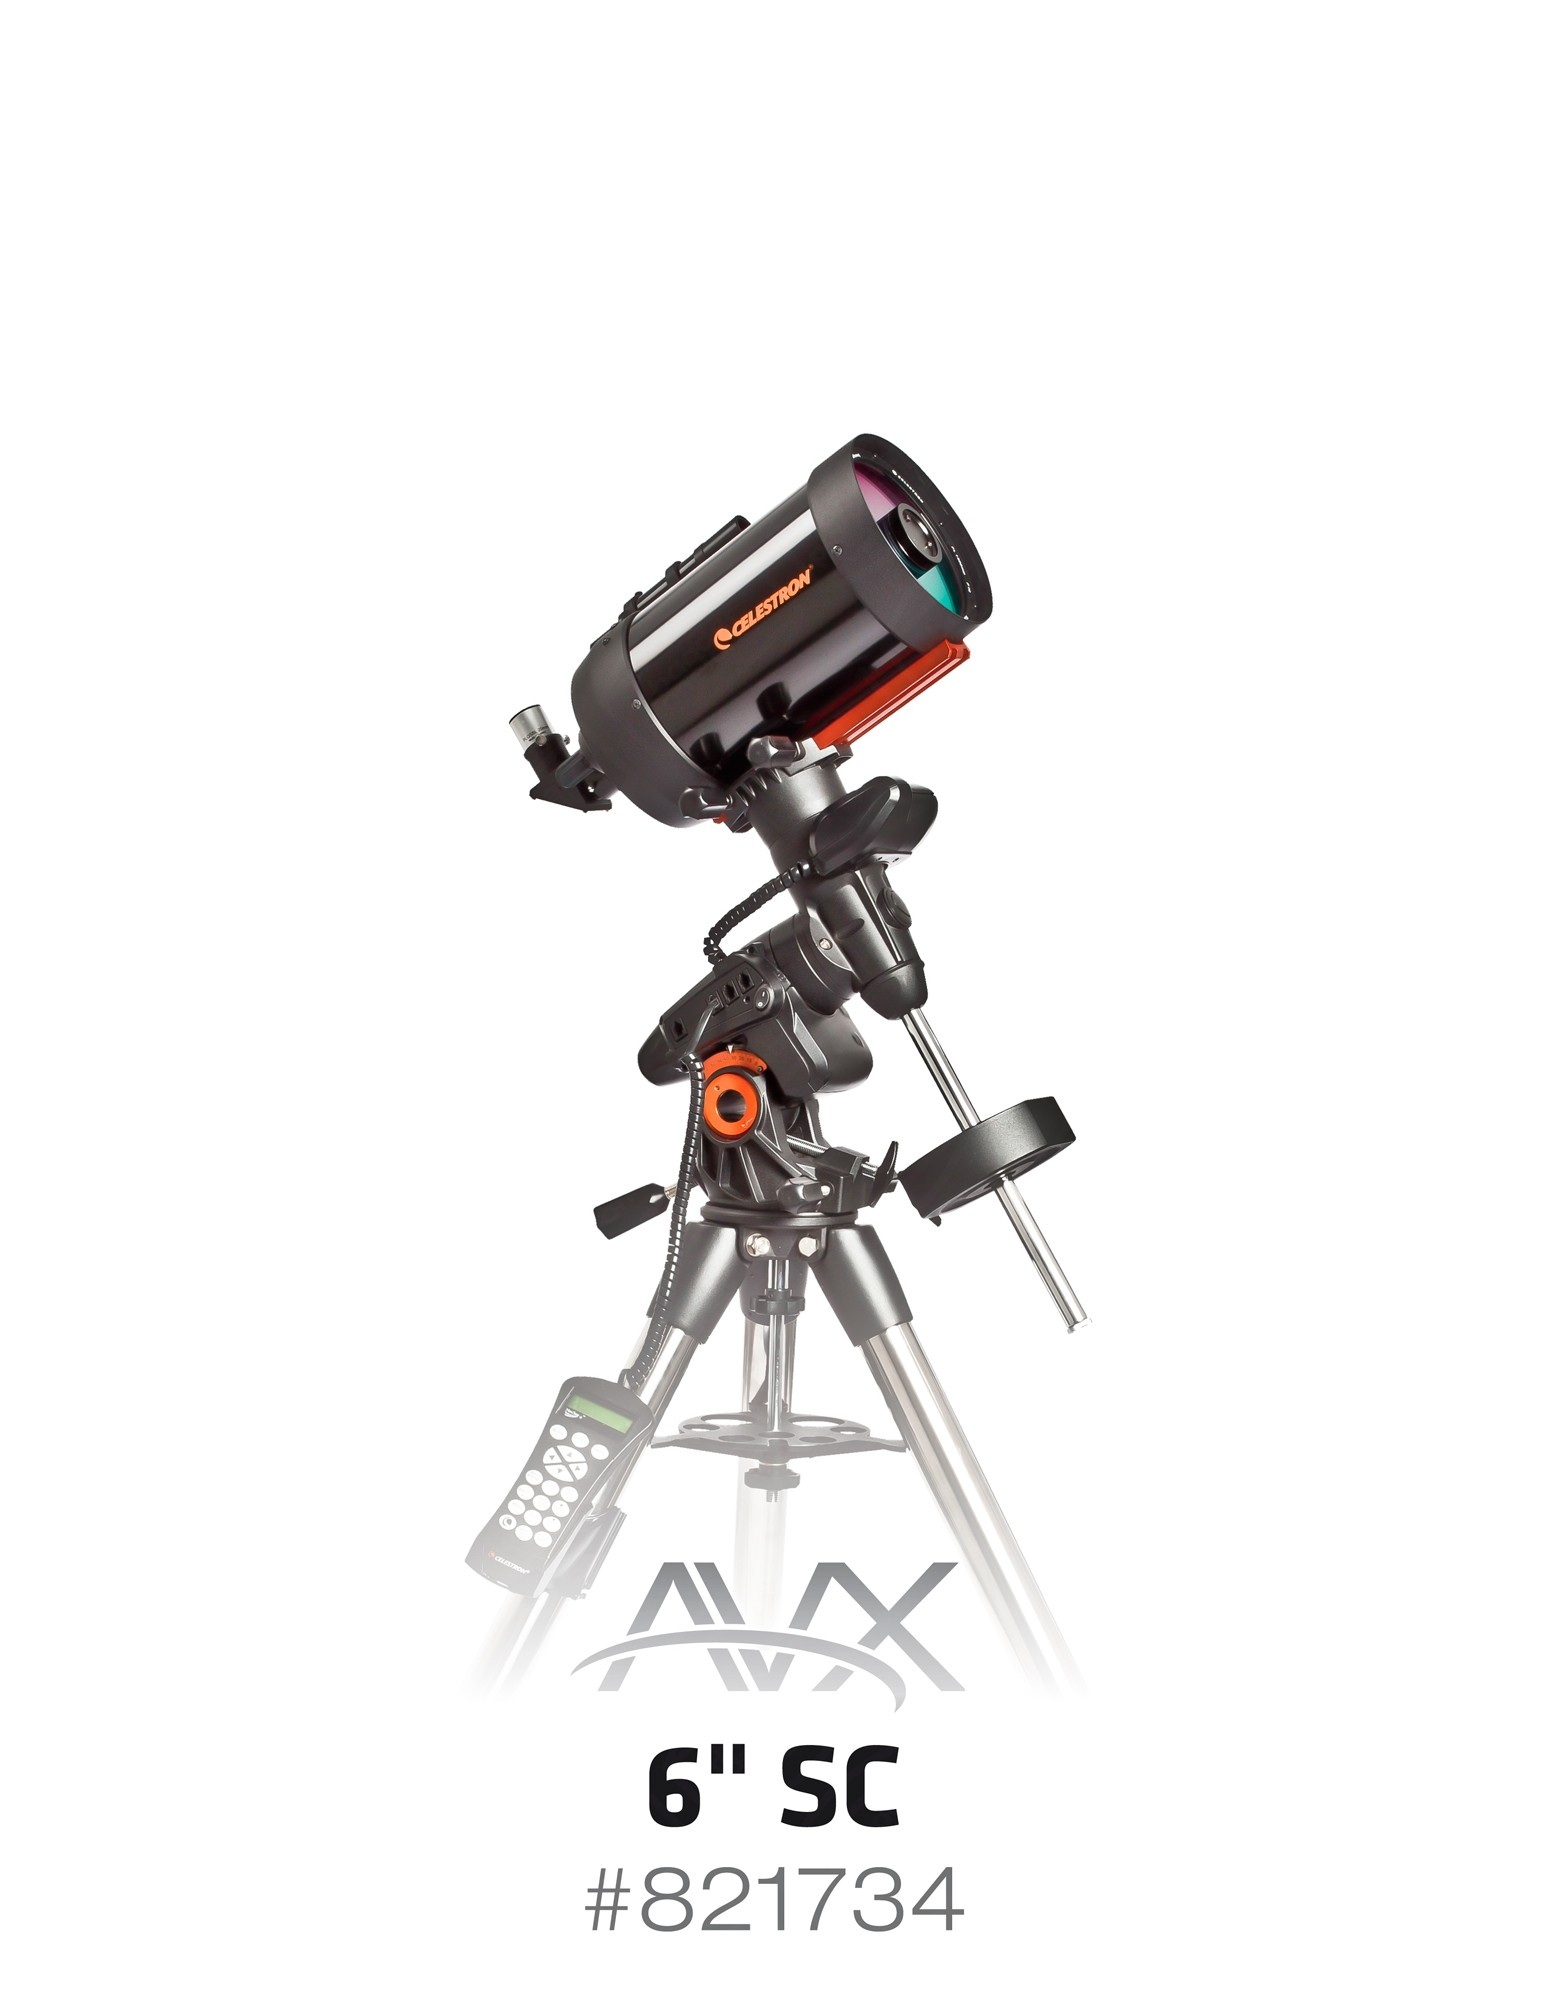 Advanced VX (AVX) C6 SC Goto-Teleskop